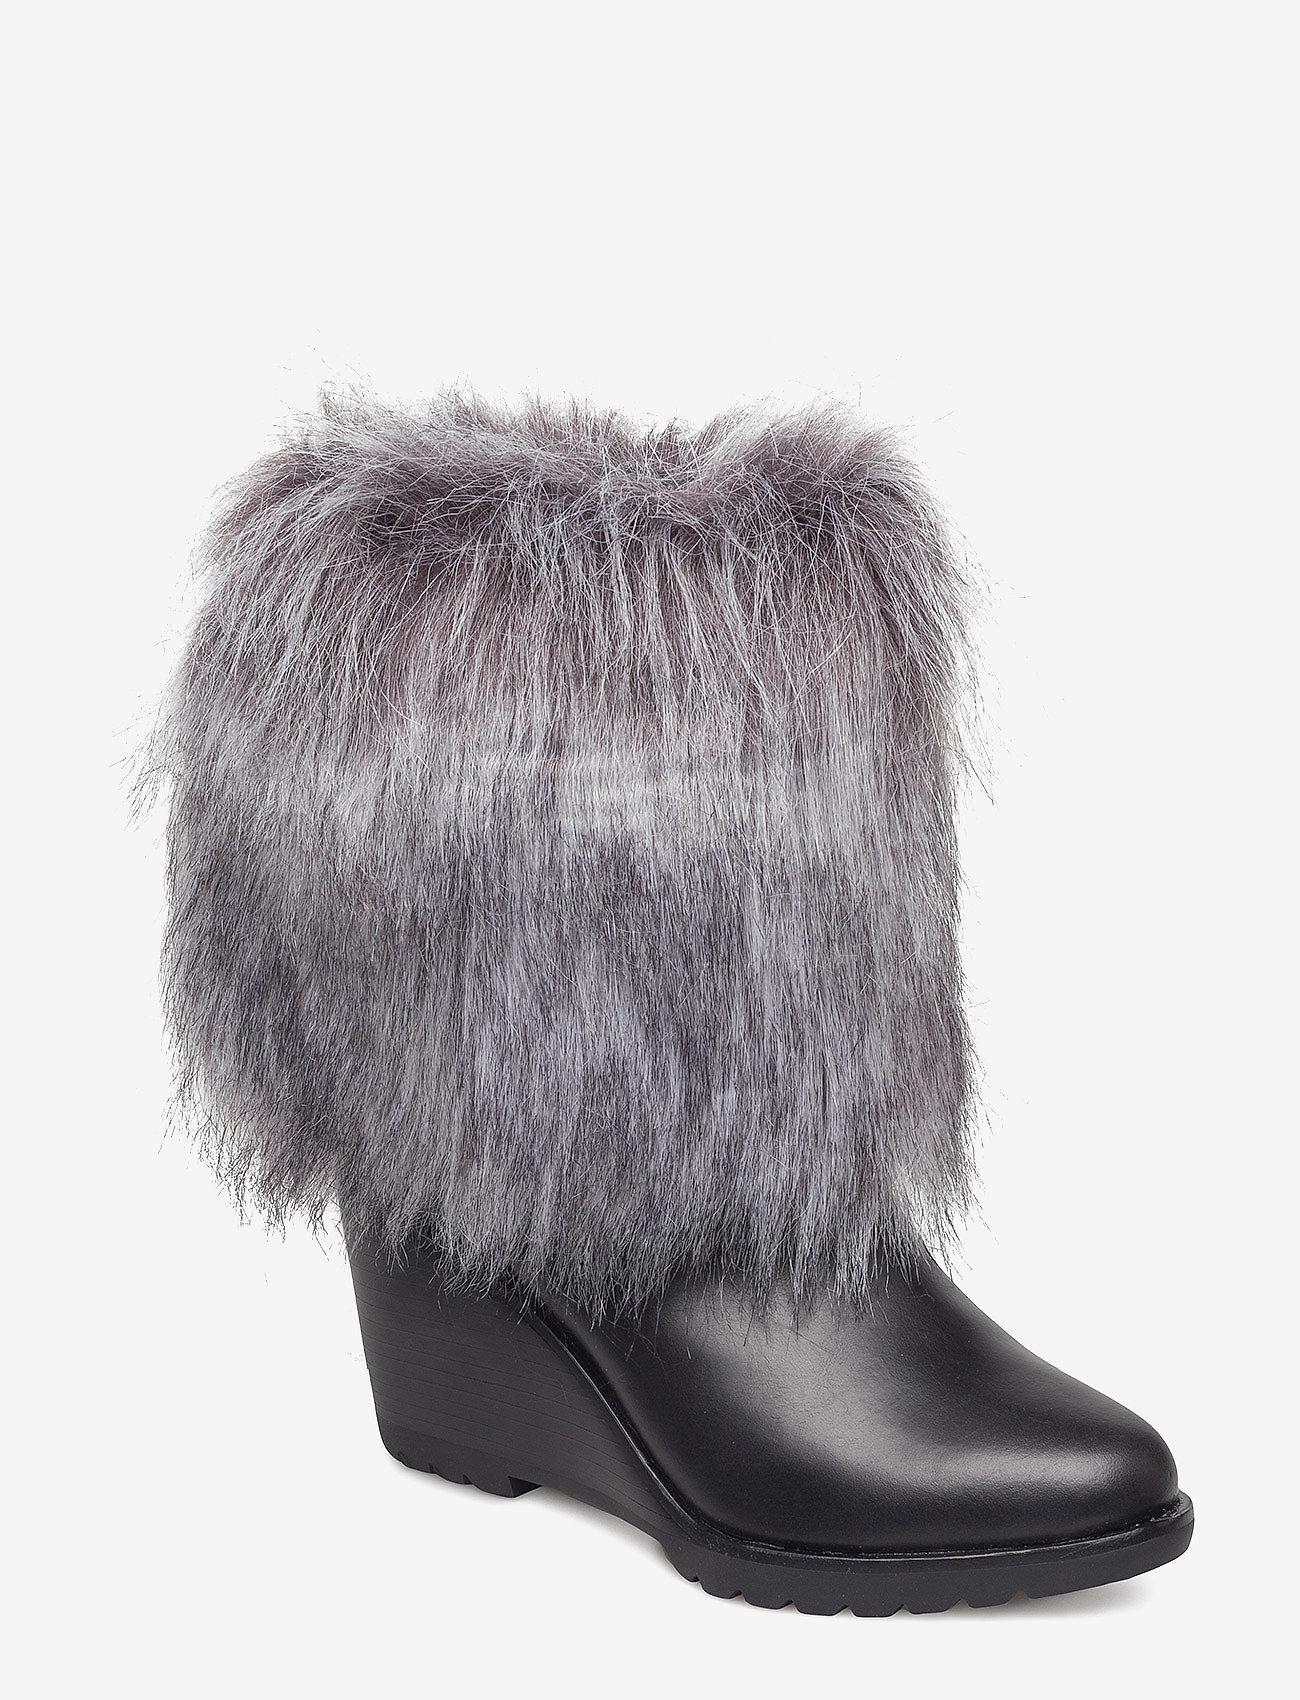 Sorel - PARK CITY SHORT - gevoerde schoenen - black - 0